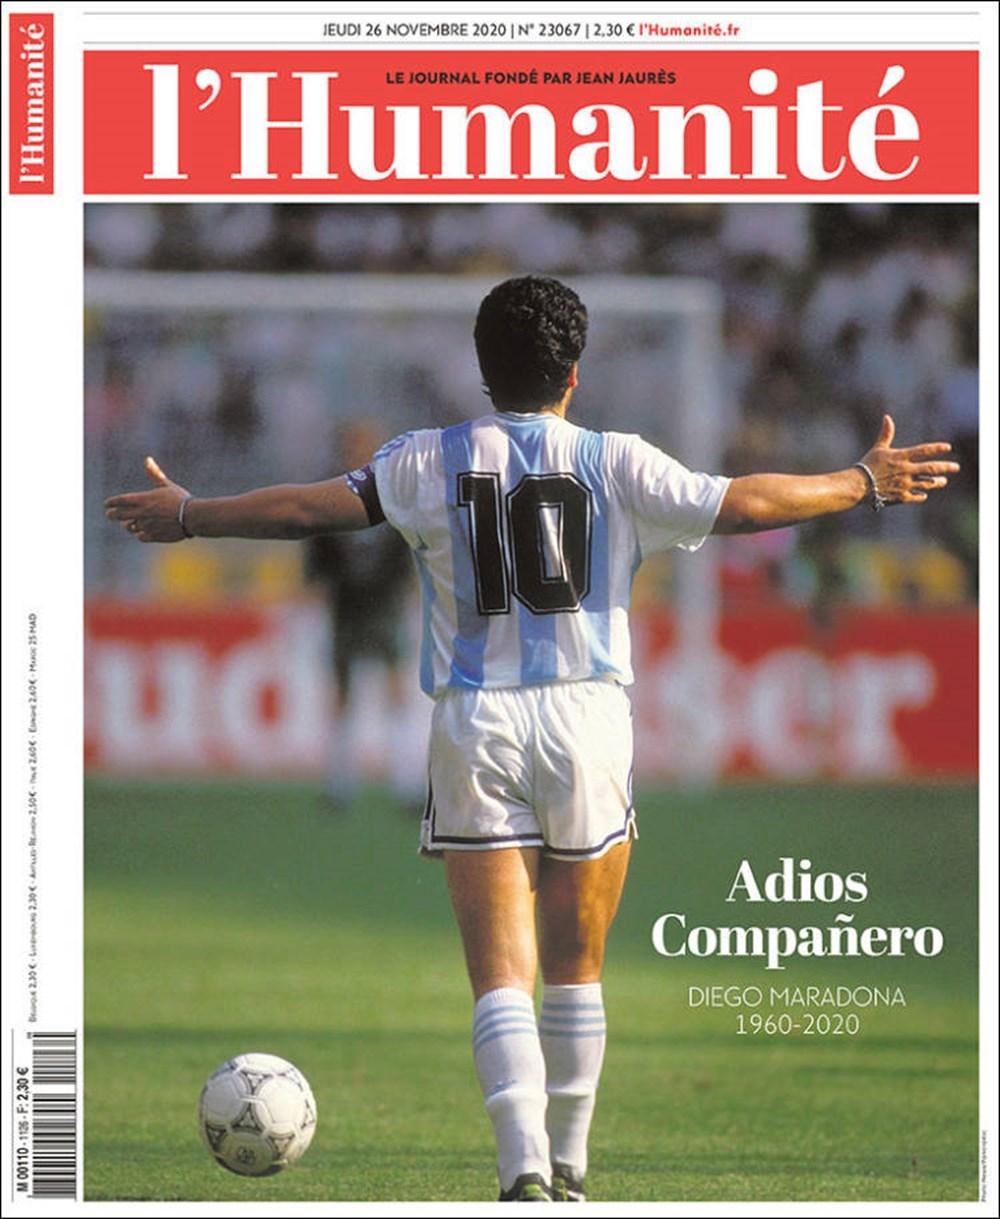 """Dünya Basını: """"Maradona Tanrı'nın Ellerinde"""" 14"""